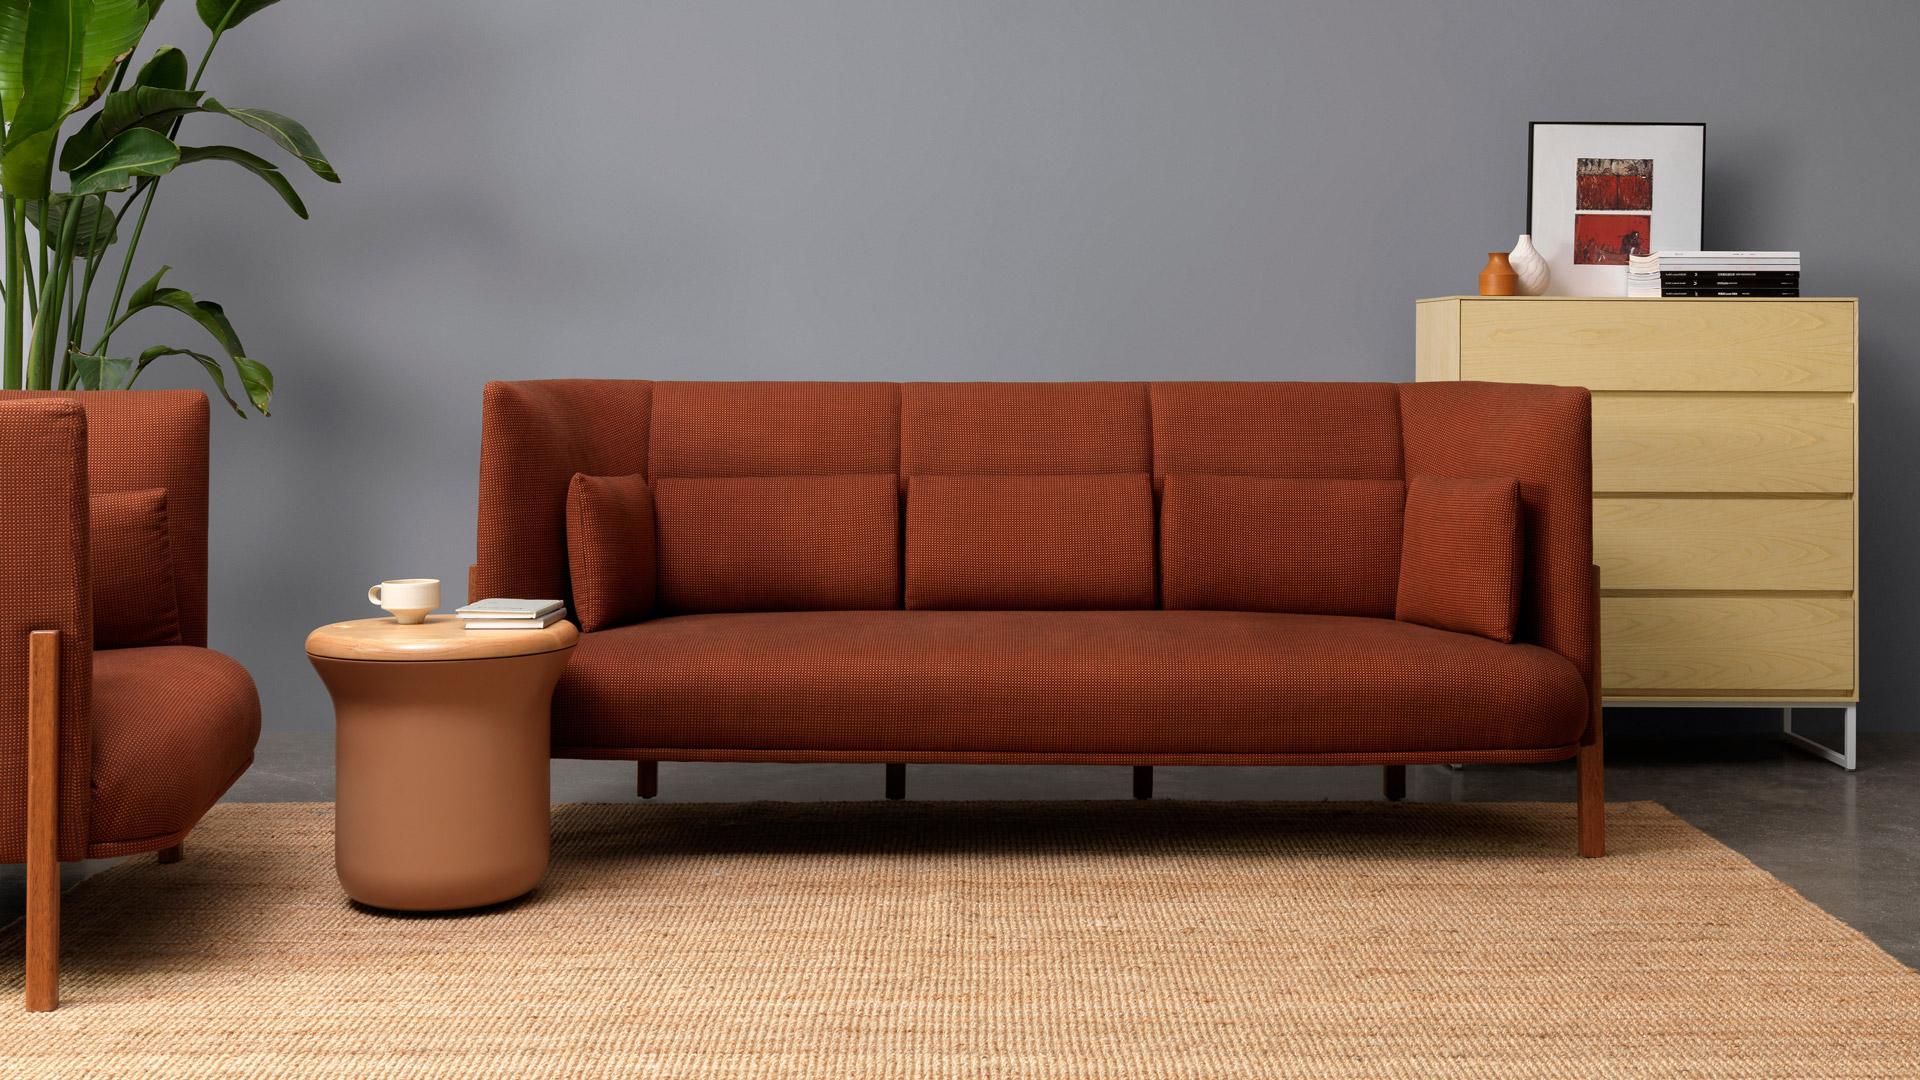 流畅的线条设计化繁为简,一个看似密闭的小凳,置于客厅一角,有效利用边角闲置空间,既可舒适安坐又可充裕储物,轻松收纳随用随取的物品,避免任意丢放的杂乱感。